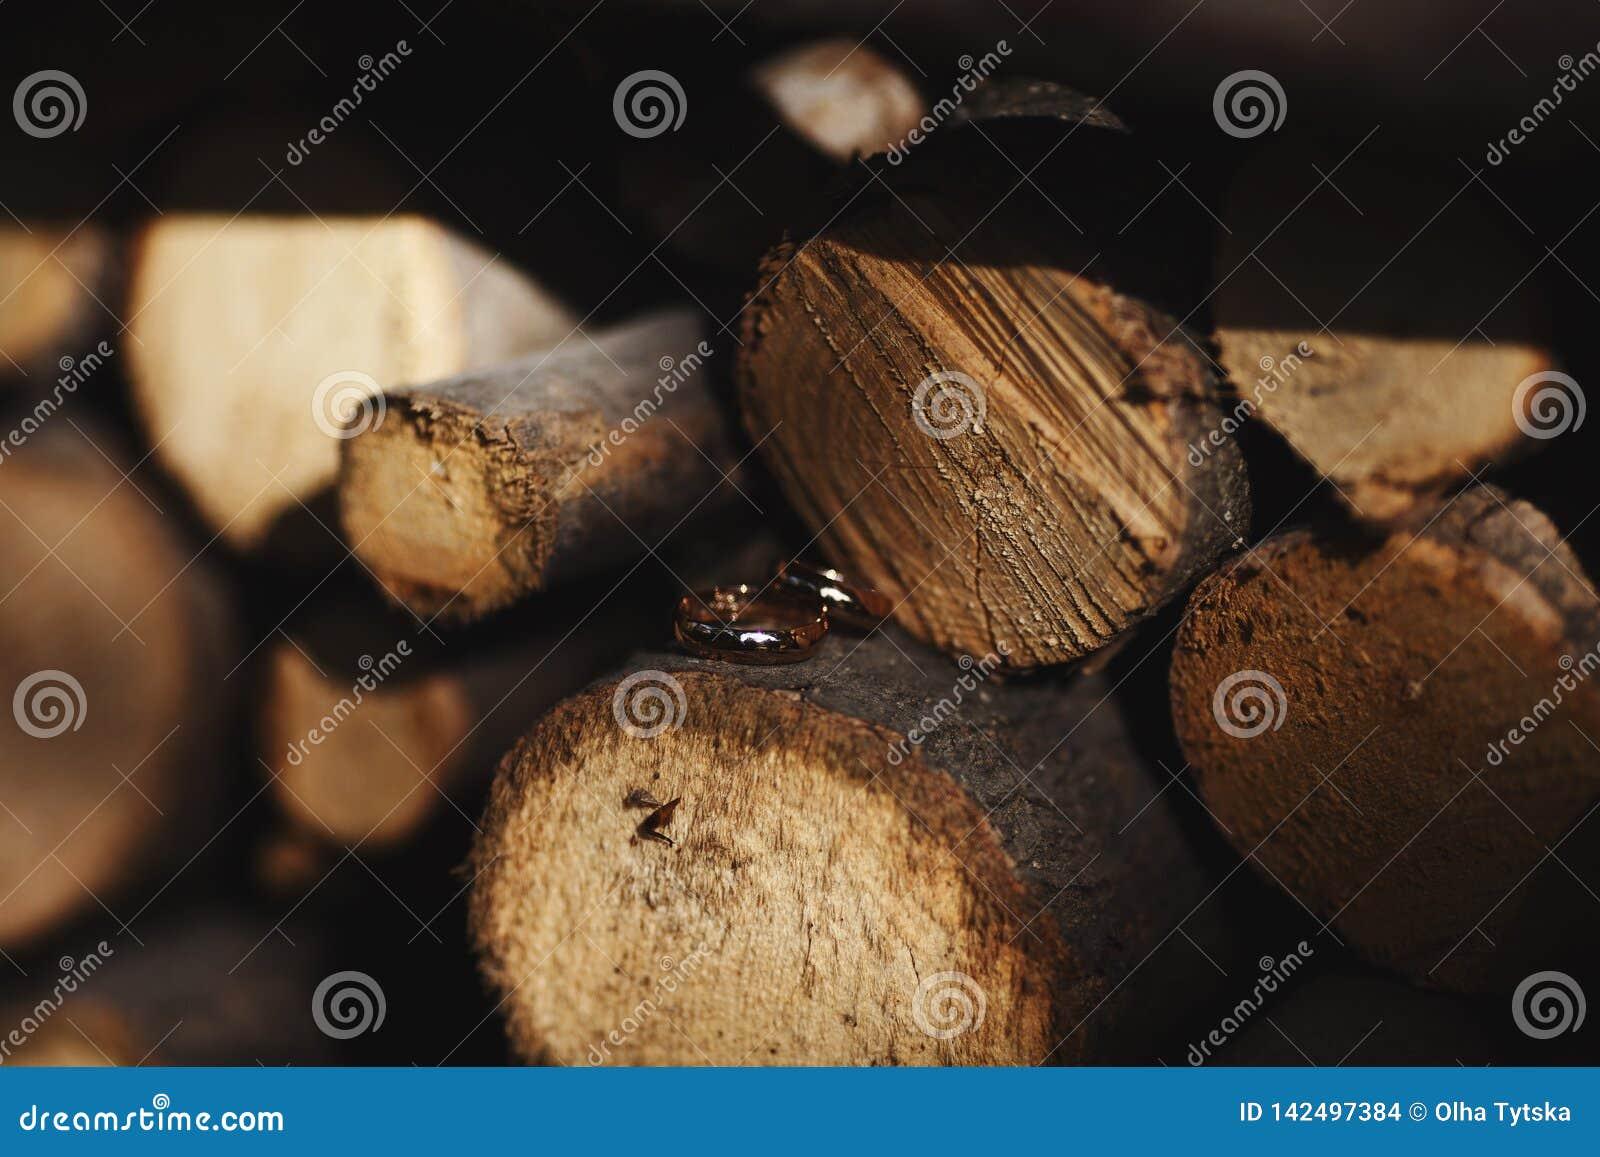 Dwa obrączki ślubnej w nieskończoność znaku na drewnie pocałunek miłości człowieka koncepcja kobieta